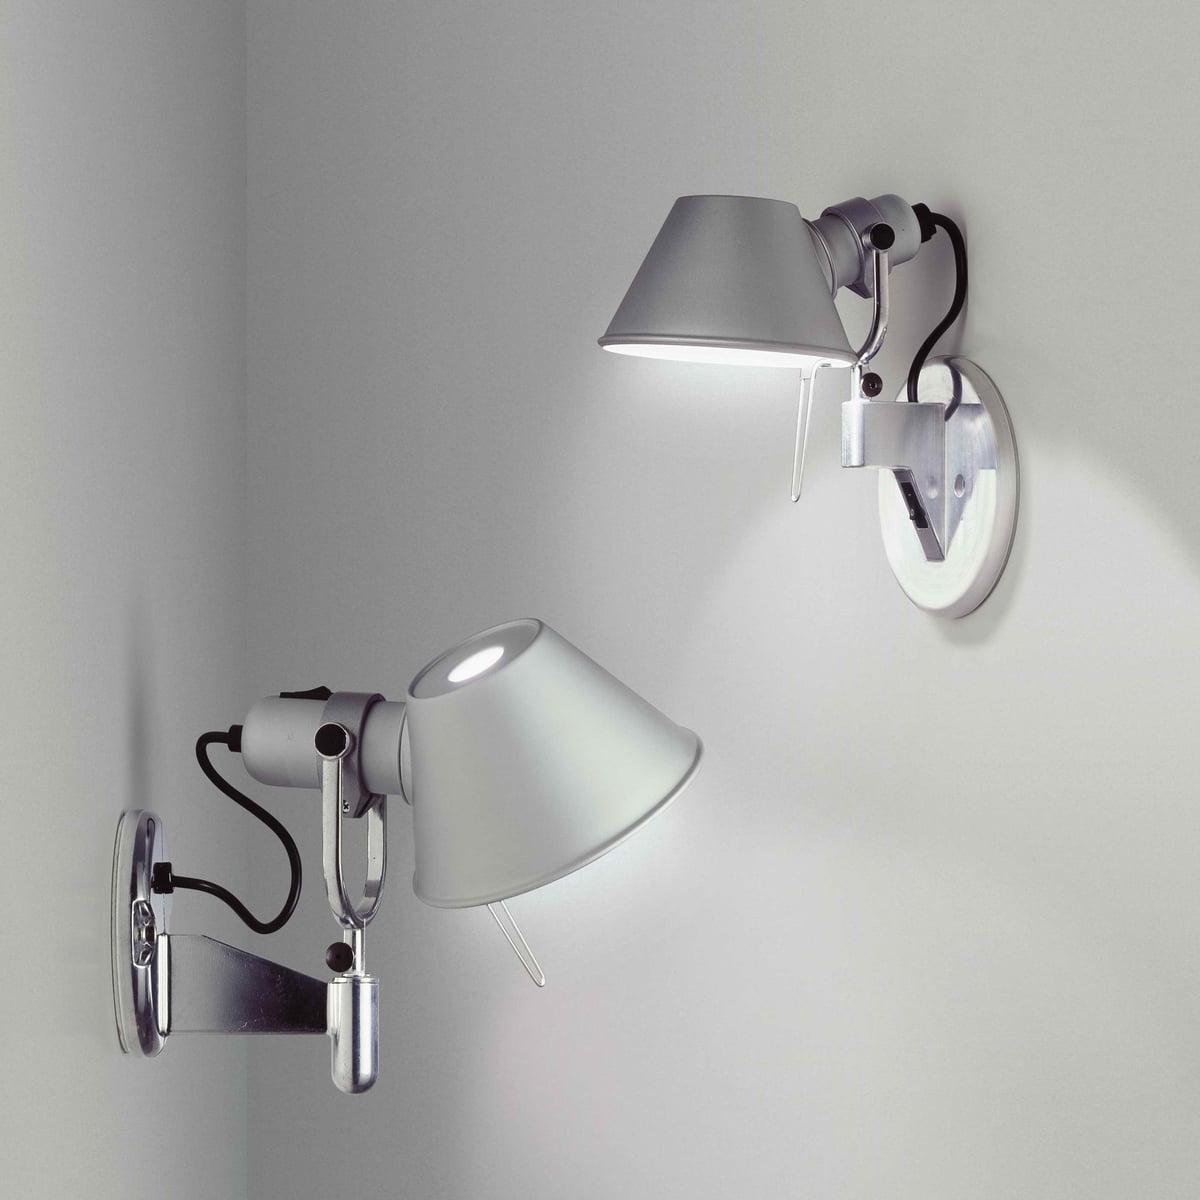 tolomeo faretto wall lamp  artemide  shop - the tolomeo faretto wall lamp by artemide